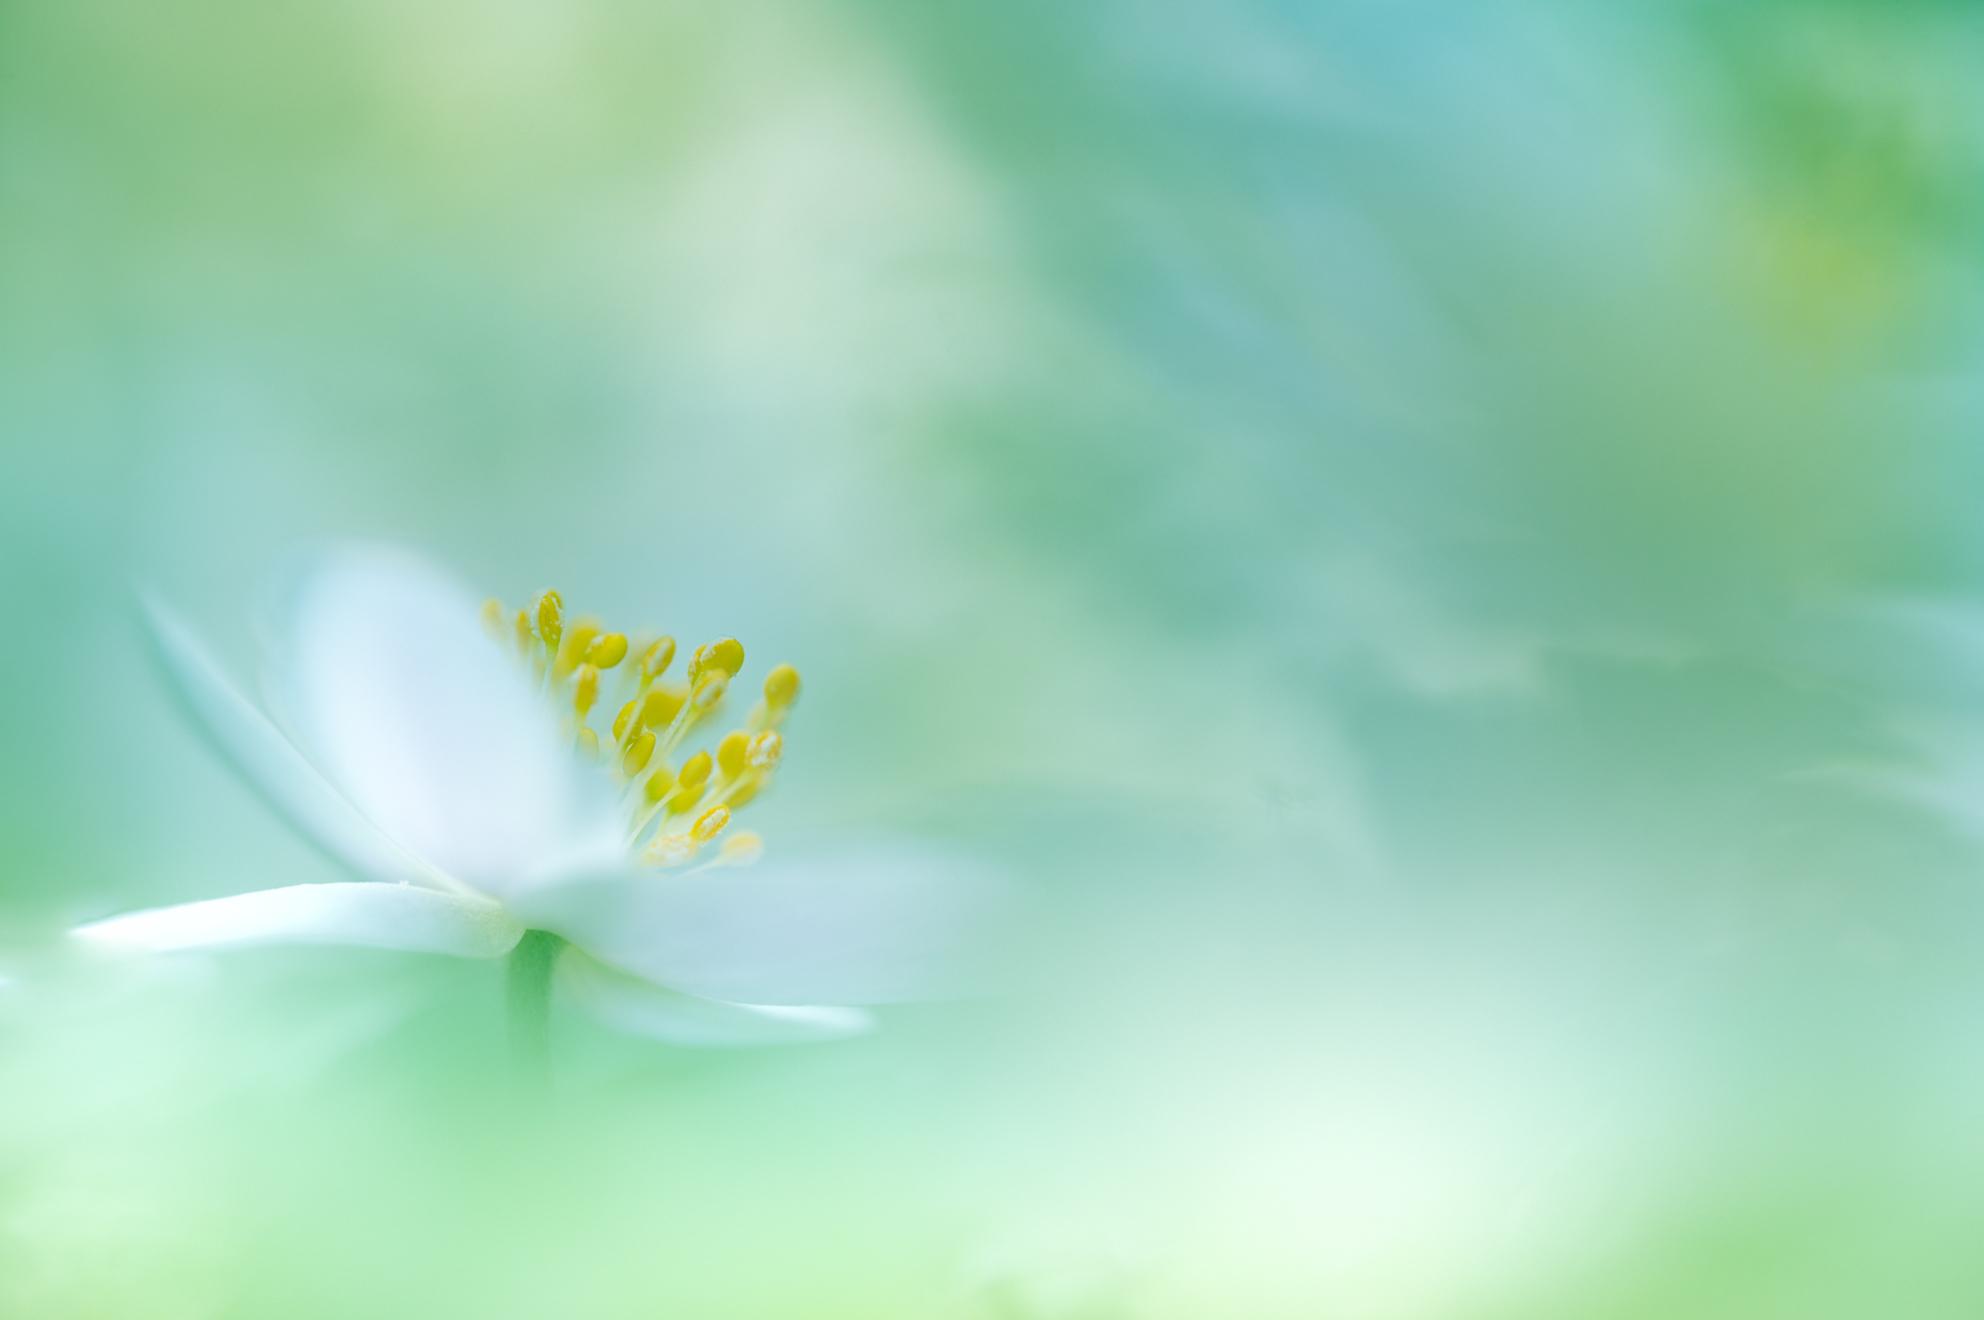 Een beetje kleur - Het is de laatste dagen niet echt zo heel mooi weer geweest, haha, Daarom voor jullie deze redelijk kleurrijke foto als goedmakertje voor de afgelope - foto door marielledevalk op 07-04-2021 - deze foto bevat: bloem, macro, soft, bosanemoon, dof, voorjaar, lente, achtergrond, groen, bloem, fabriek, bloemblaadje, natuurlijk landschap, kruidachtige plant, bloeiende plant, pedicel, terrestrische plant, gras, detailopname